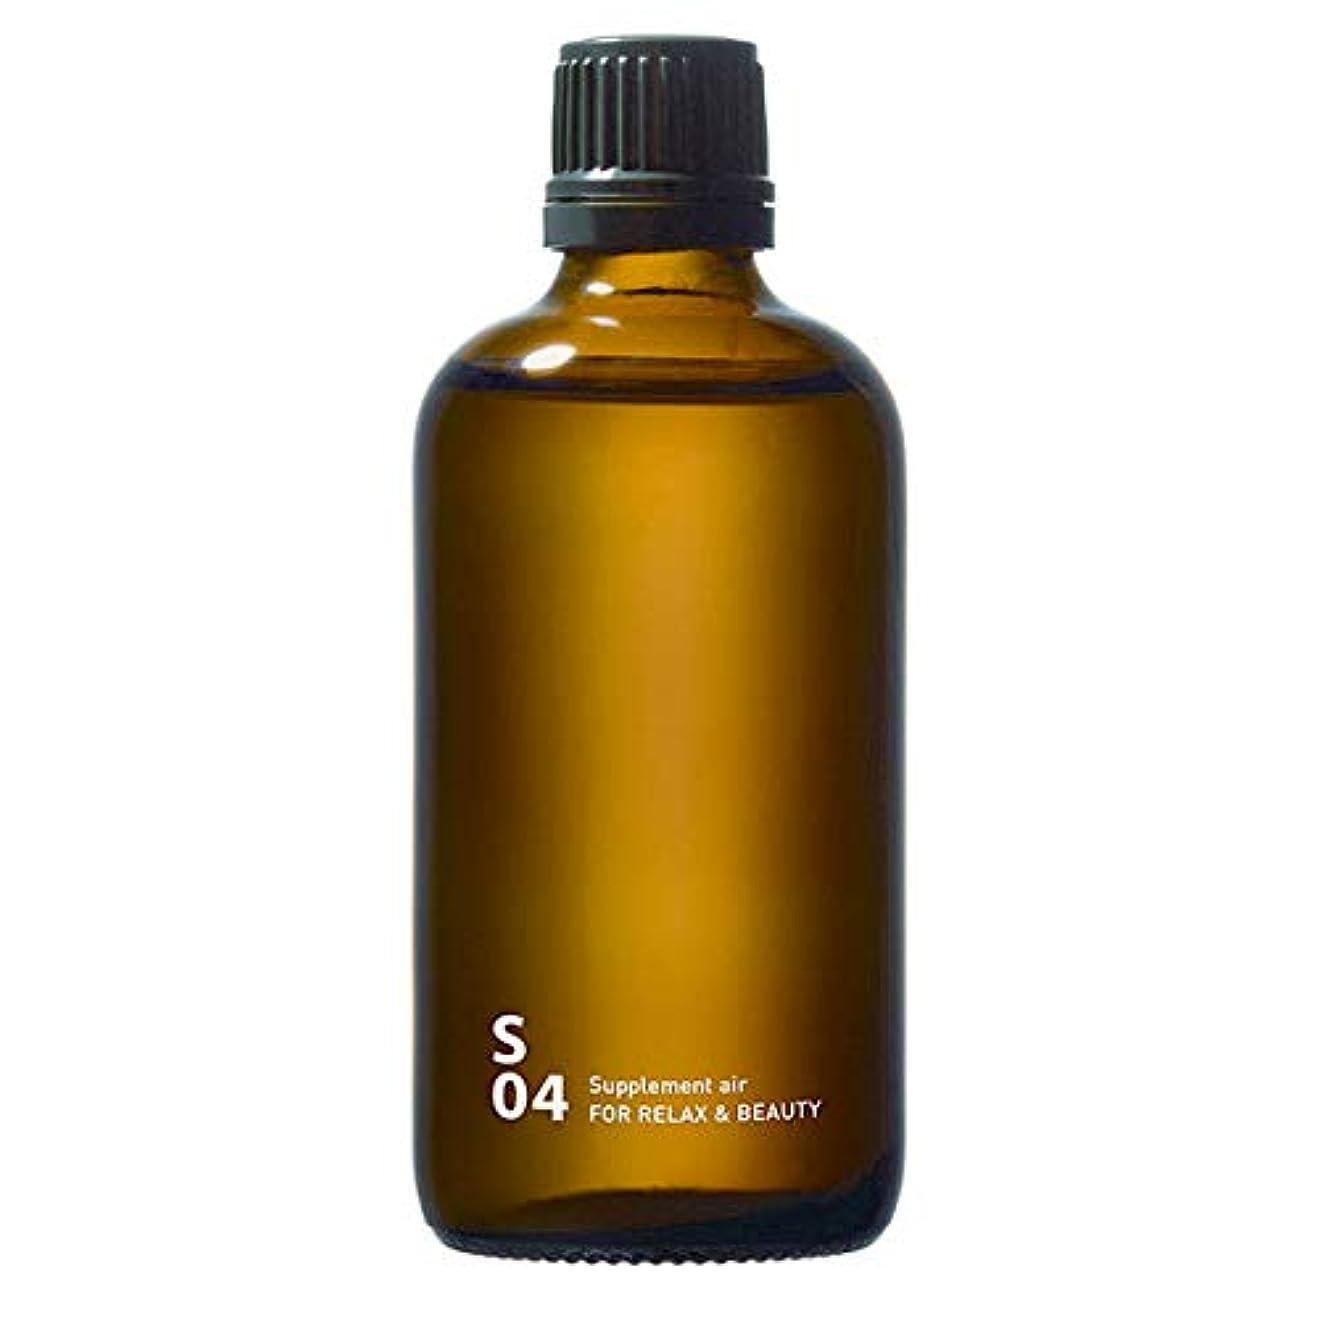 構成員植物学者有能なS04 FOR RELAX & BEAUTY piezo aroma oil 100ml